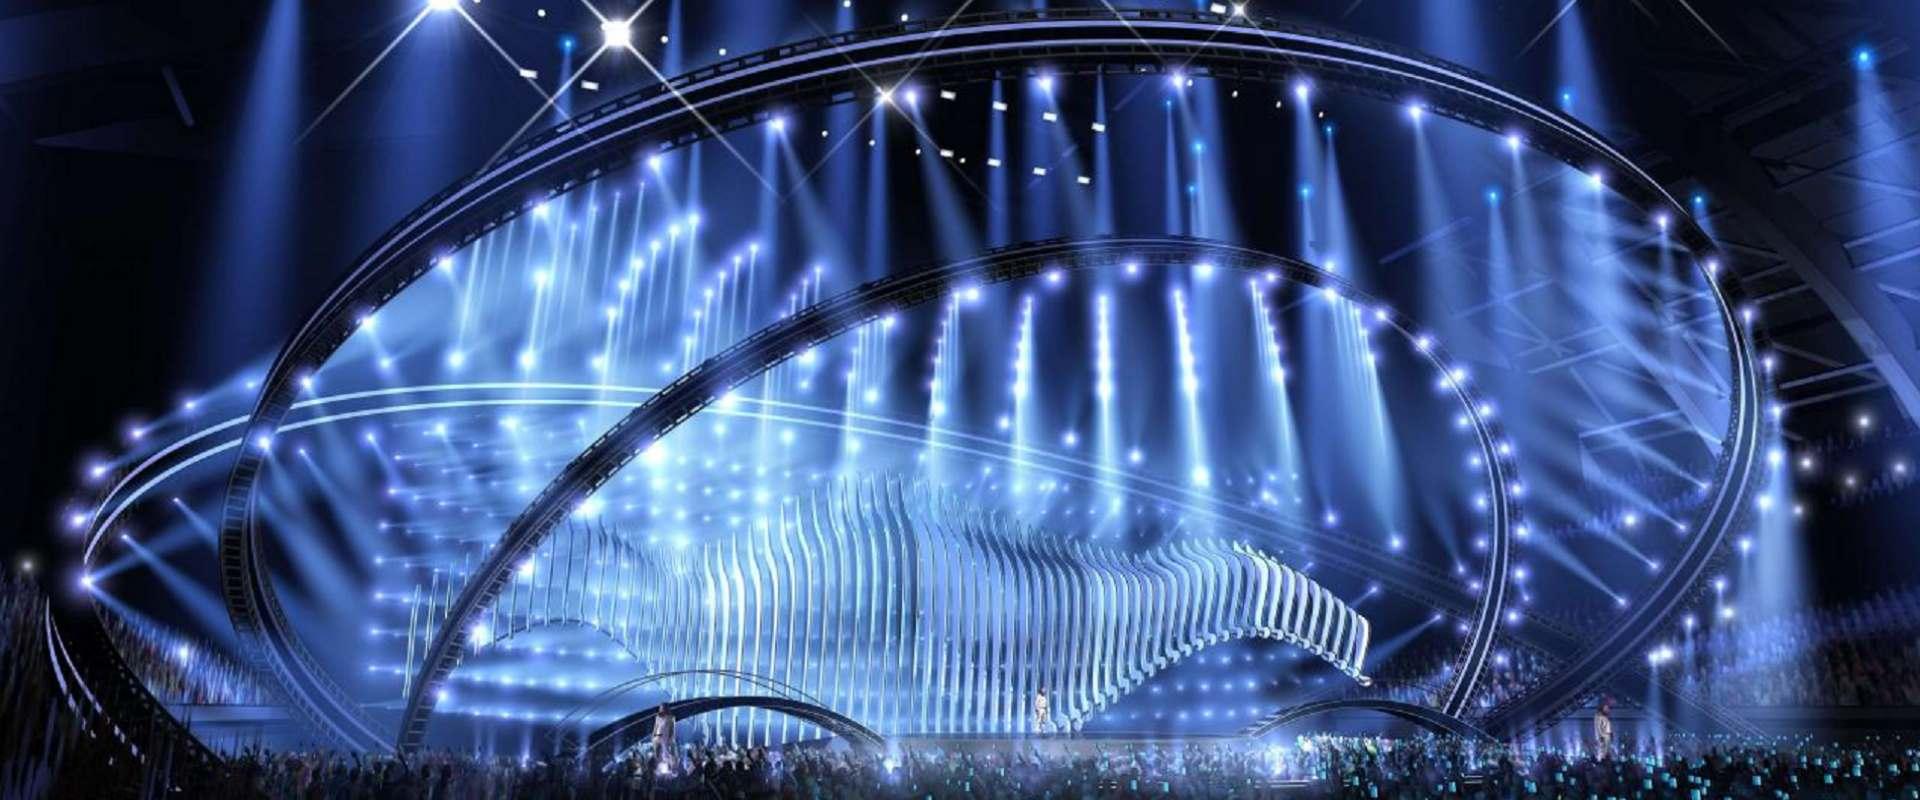 הבמה של האירוויזיון בליסבון